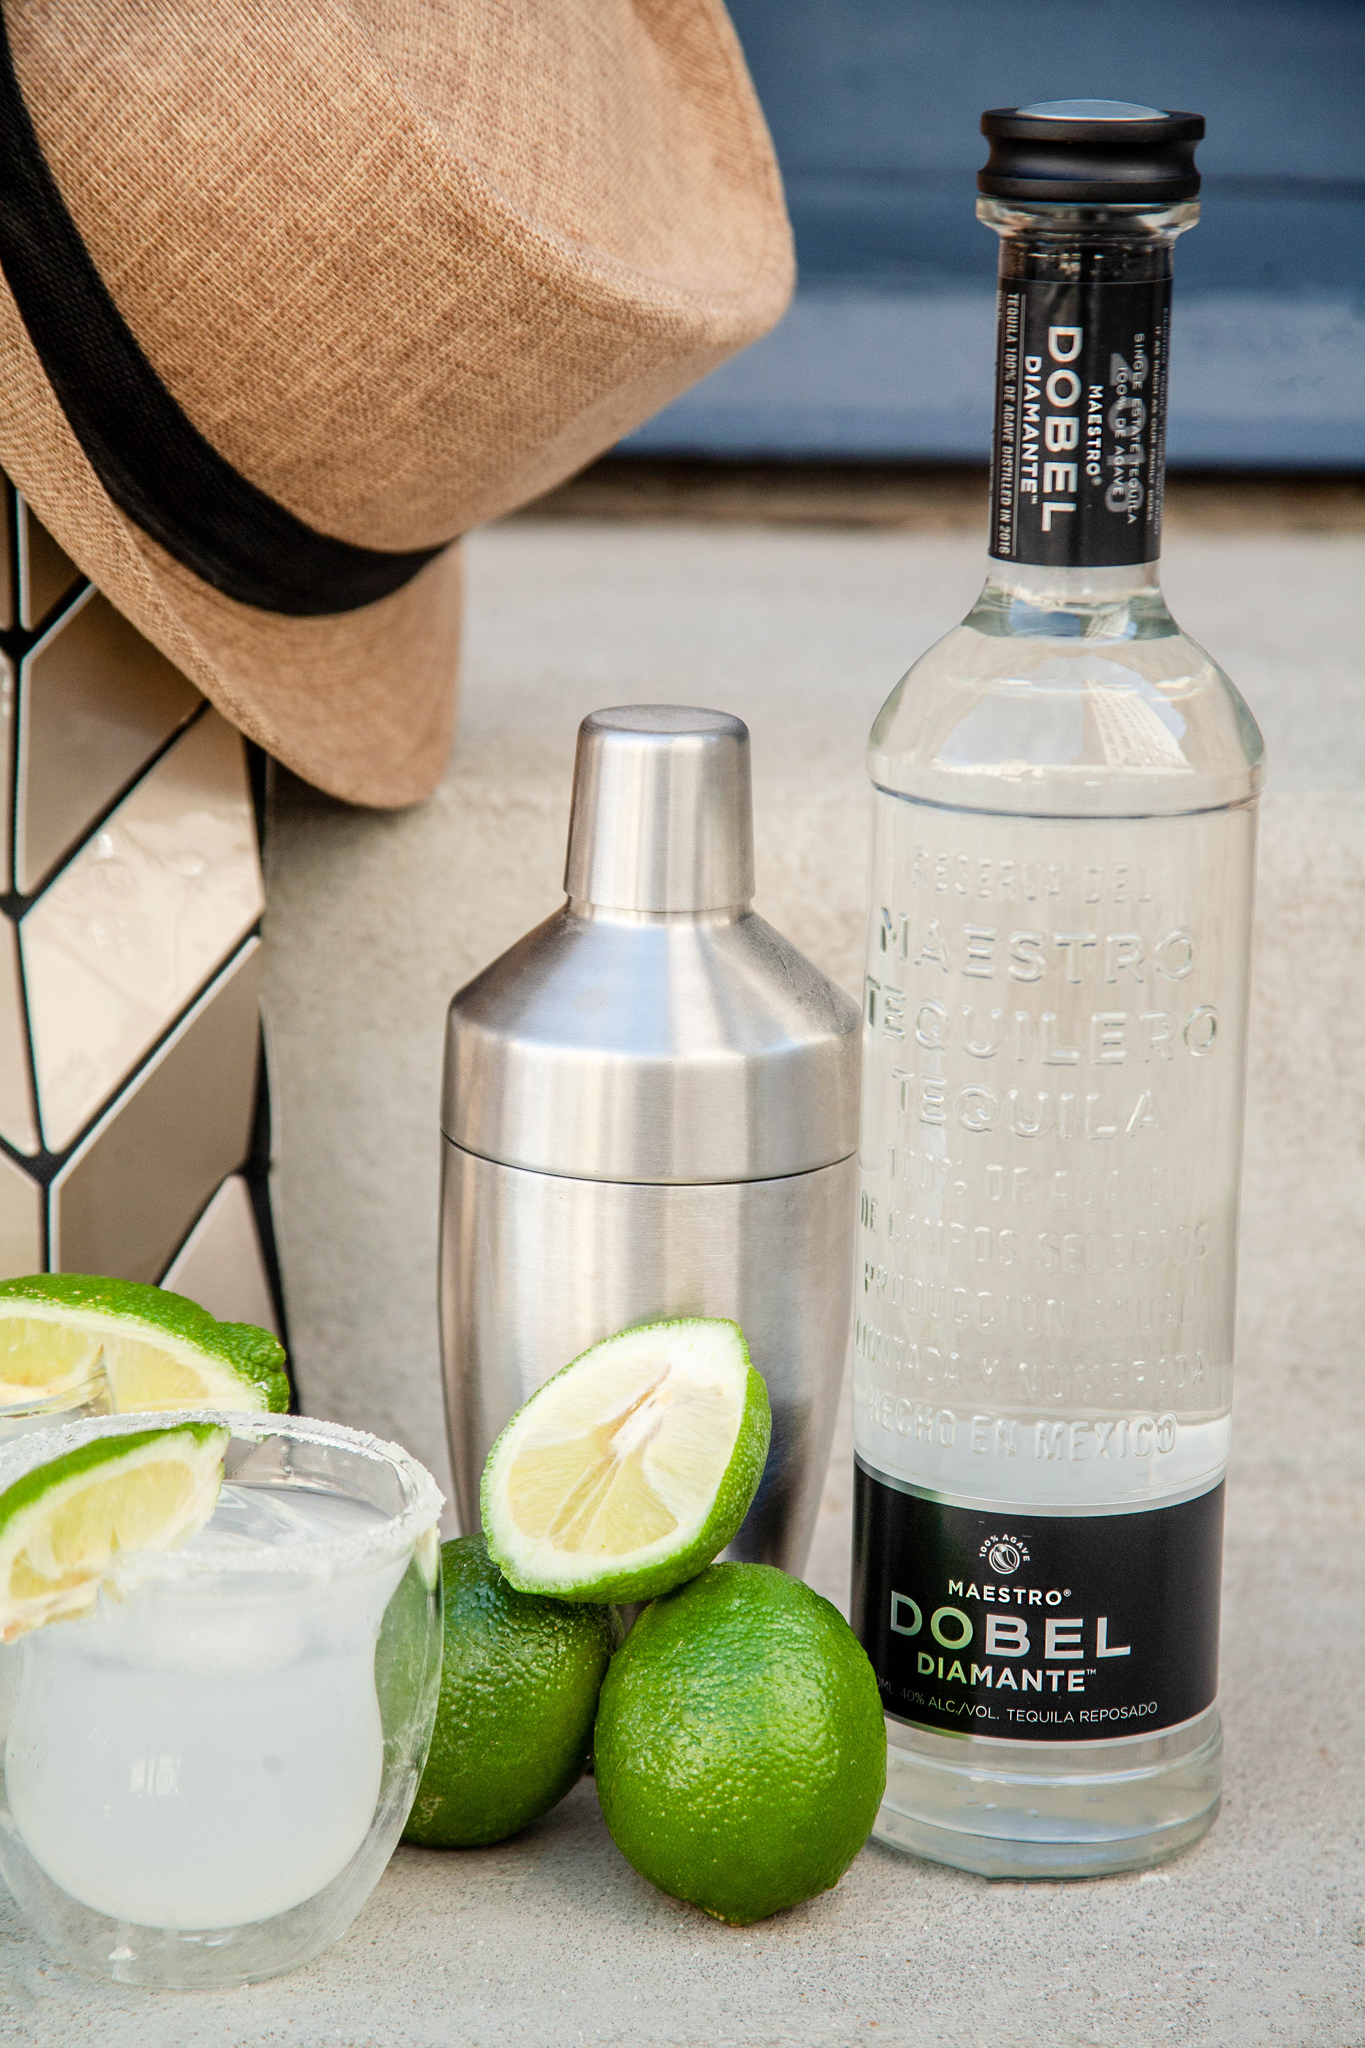 Dobel Tequila